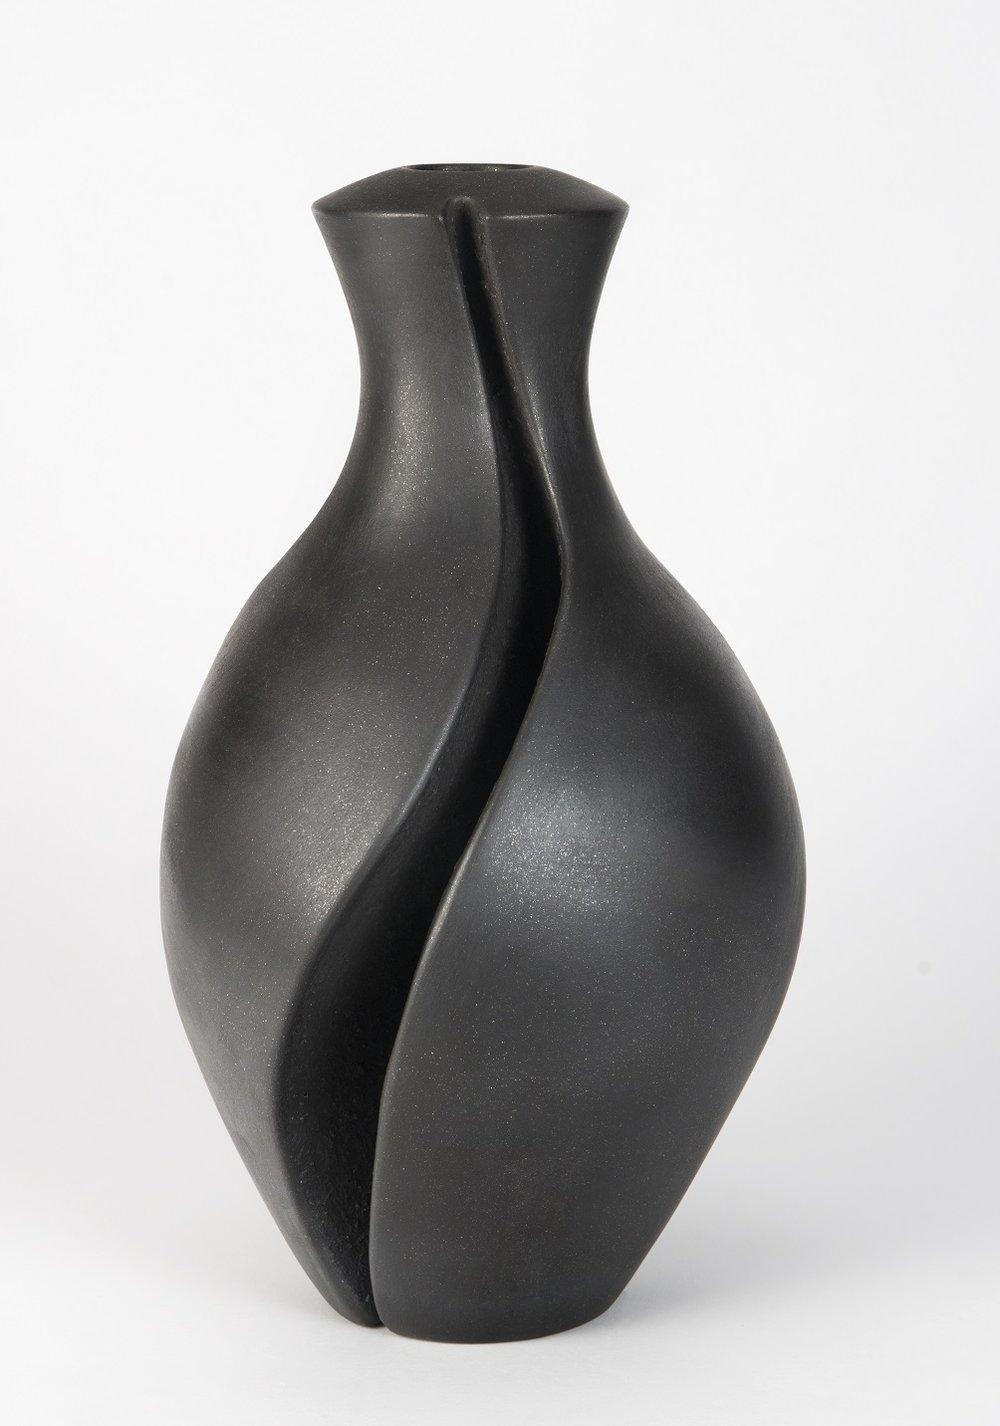 Christine Nofchissey McHorse, Untitled #1